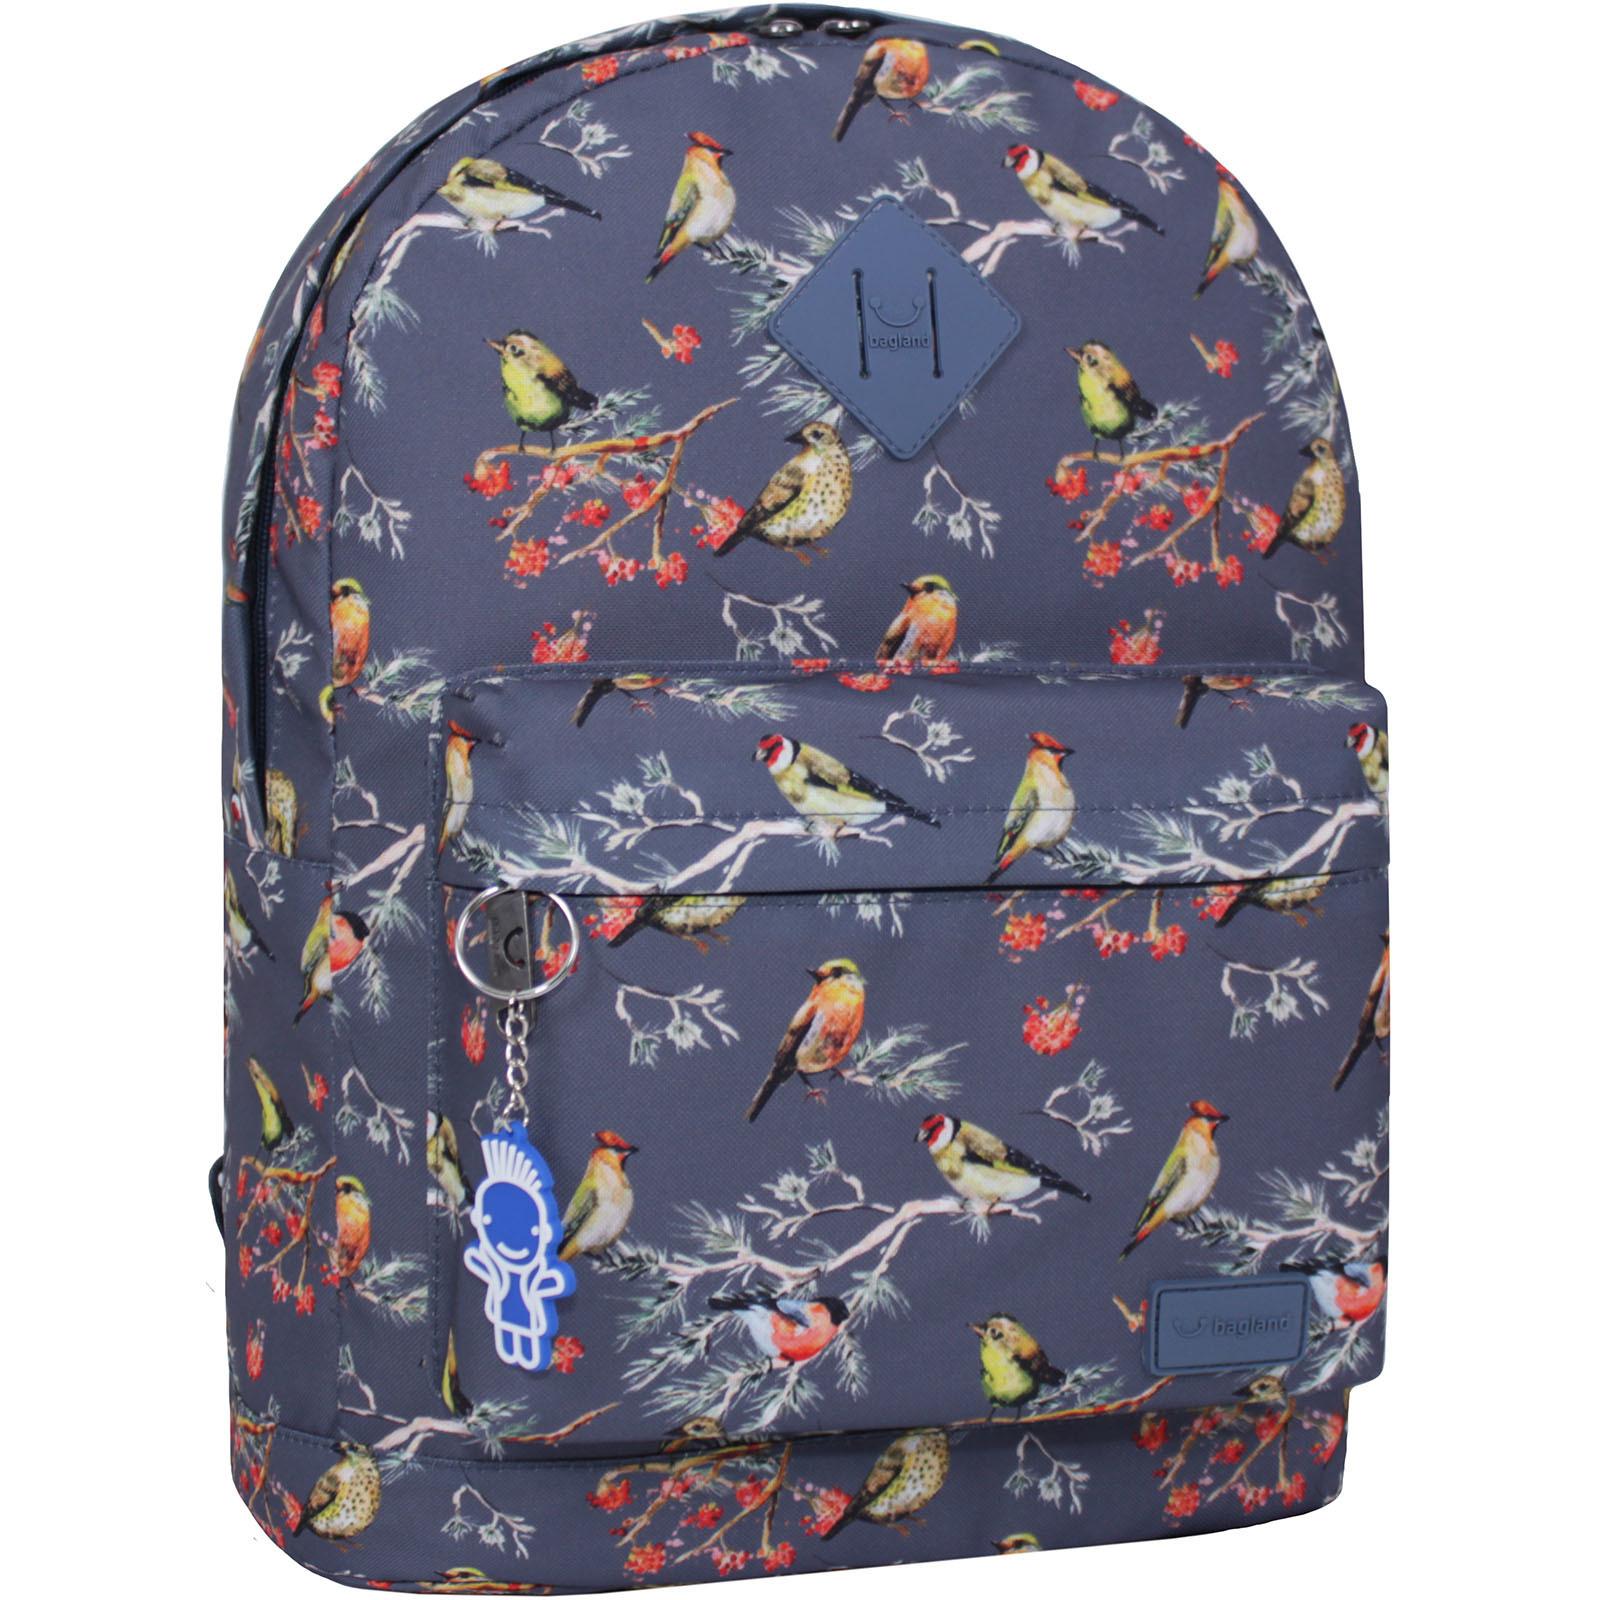 Молодежные рюкзаки Рюкзак Bagland Молодежный (дизайн) 17 л. сублімація 445 (00533664) IMG_3605_суб.445_.JPG